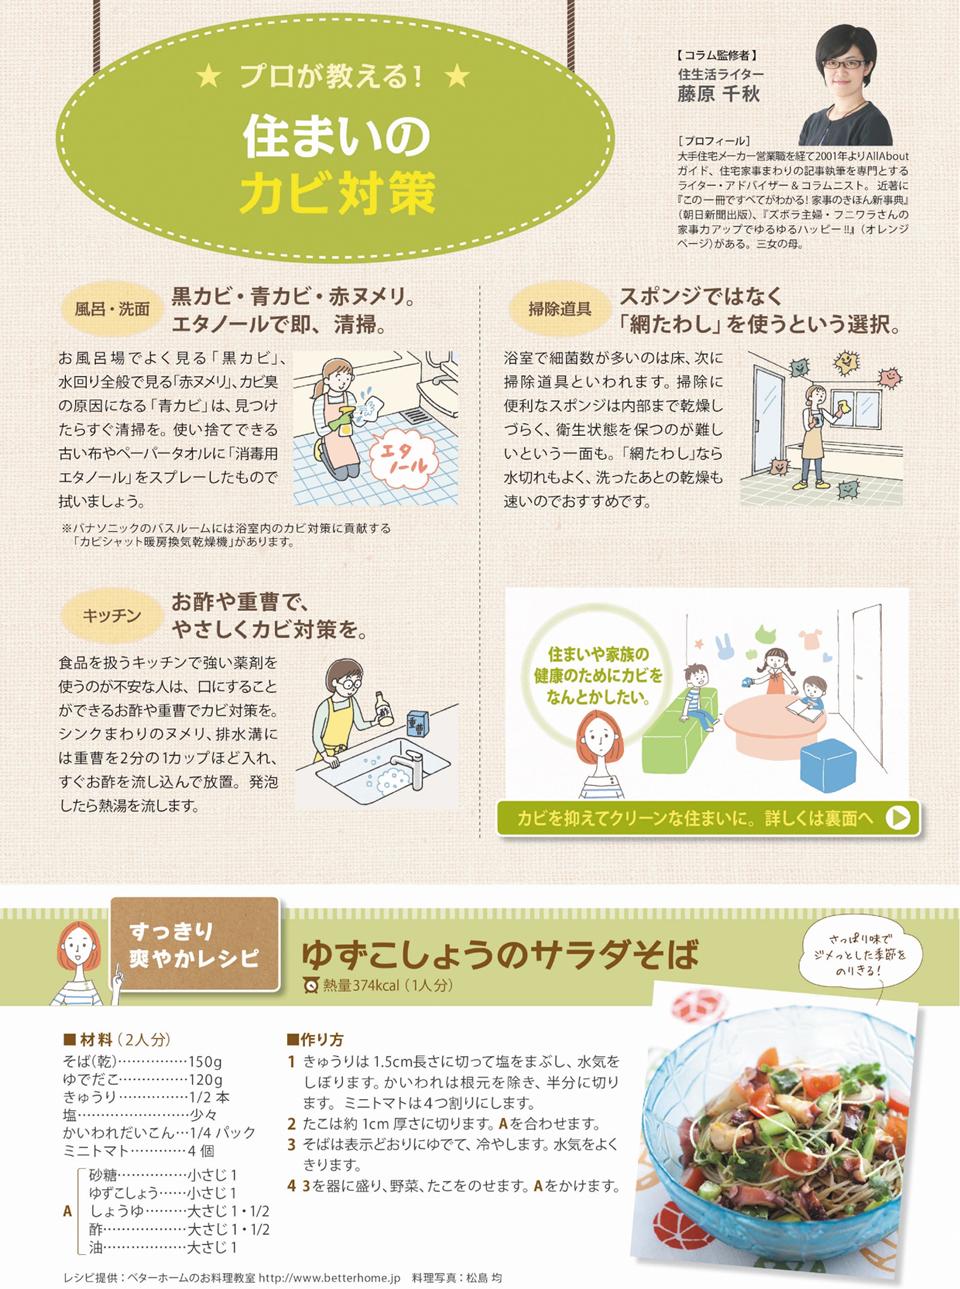 風呂・キッチンカビ対策